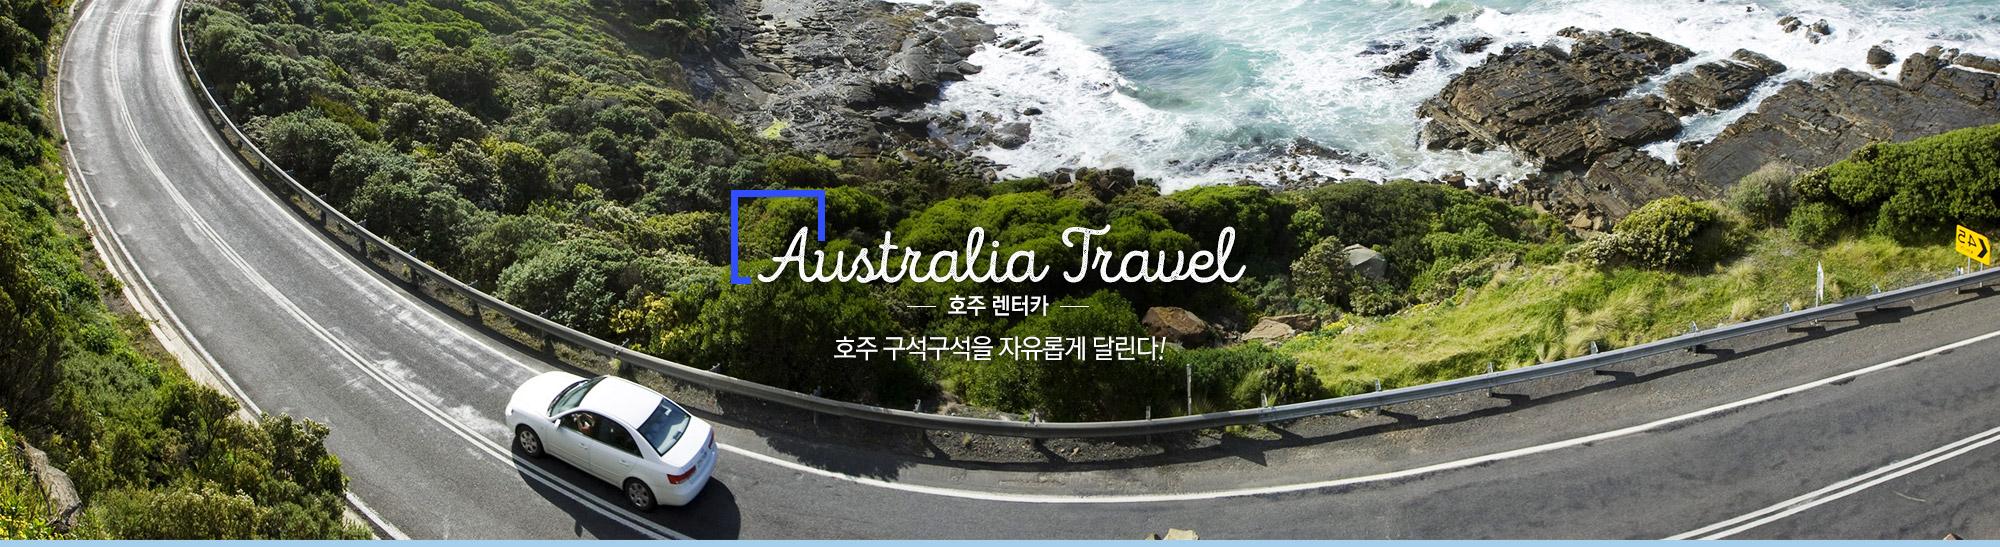 호주 렌터카, 호주 구석구석을 자유롭게 달린다!